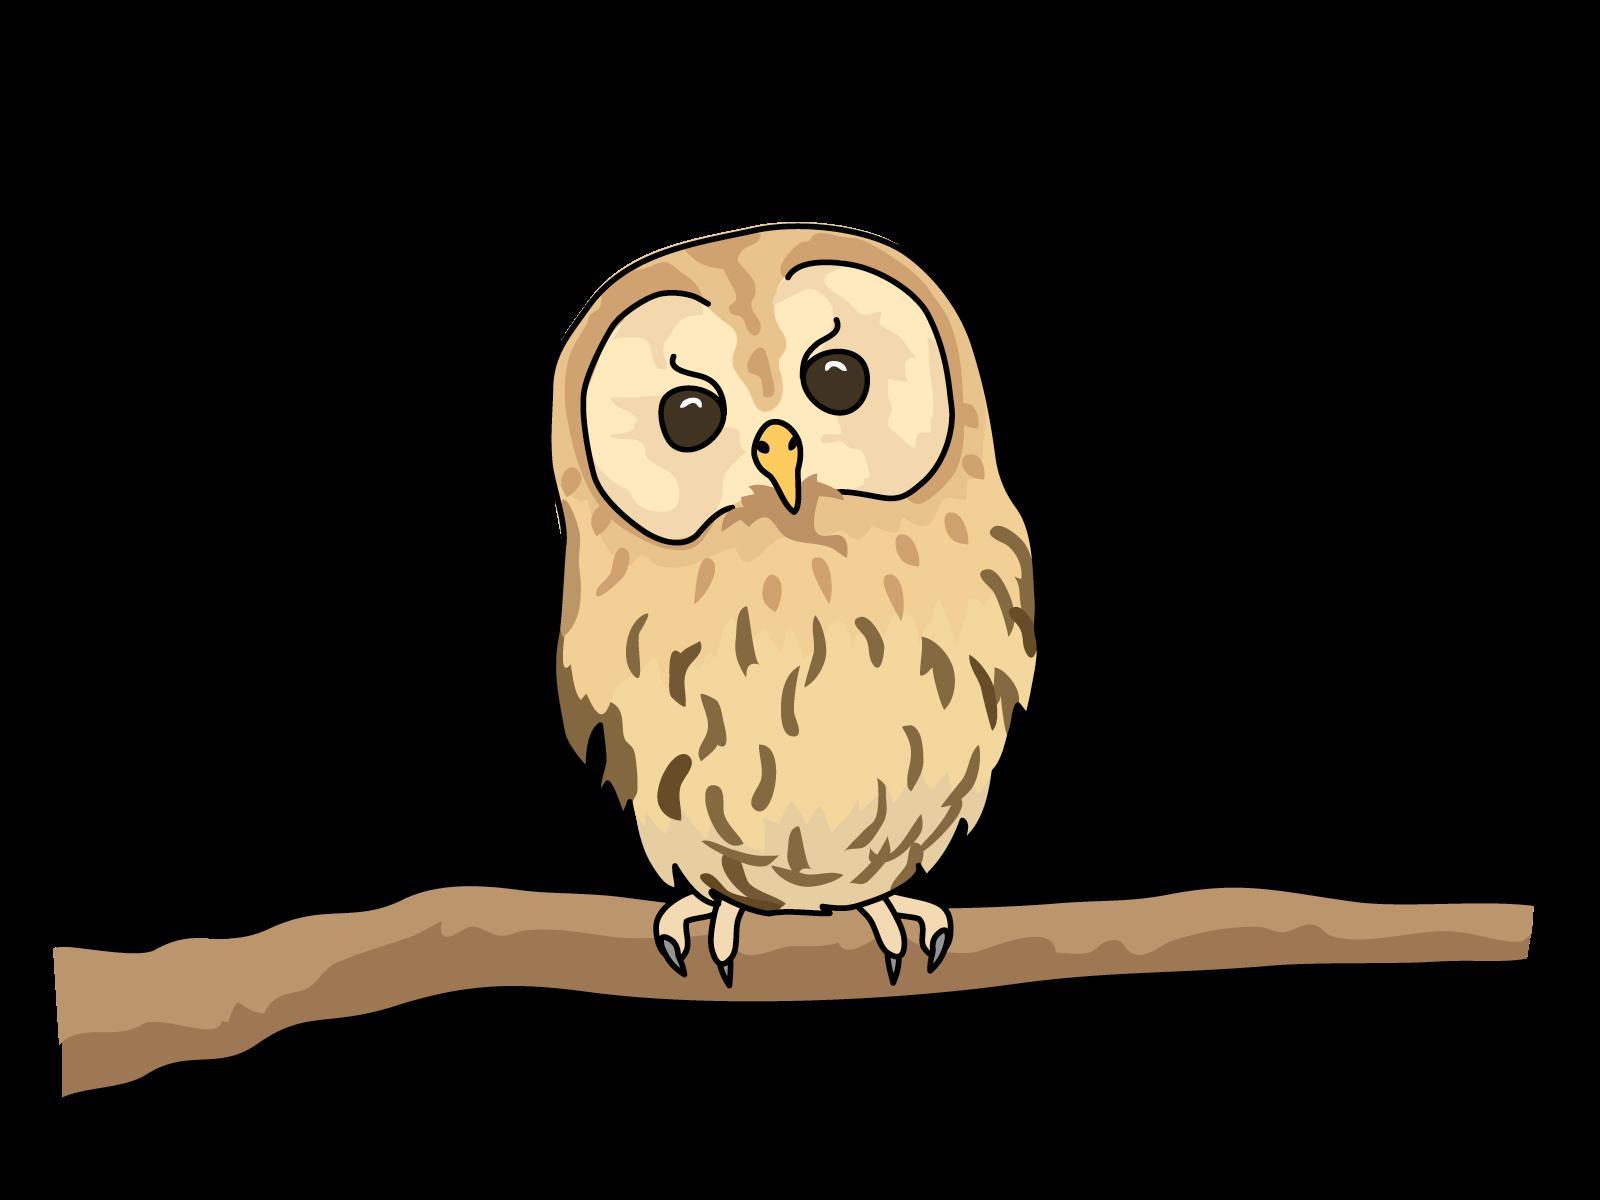 【オノマトペ】ホーホーの意味と例文